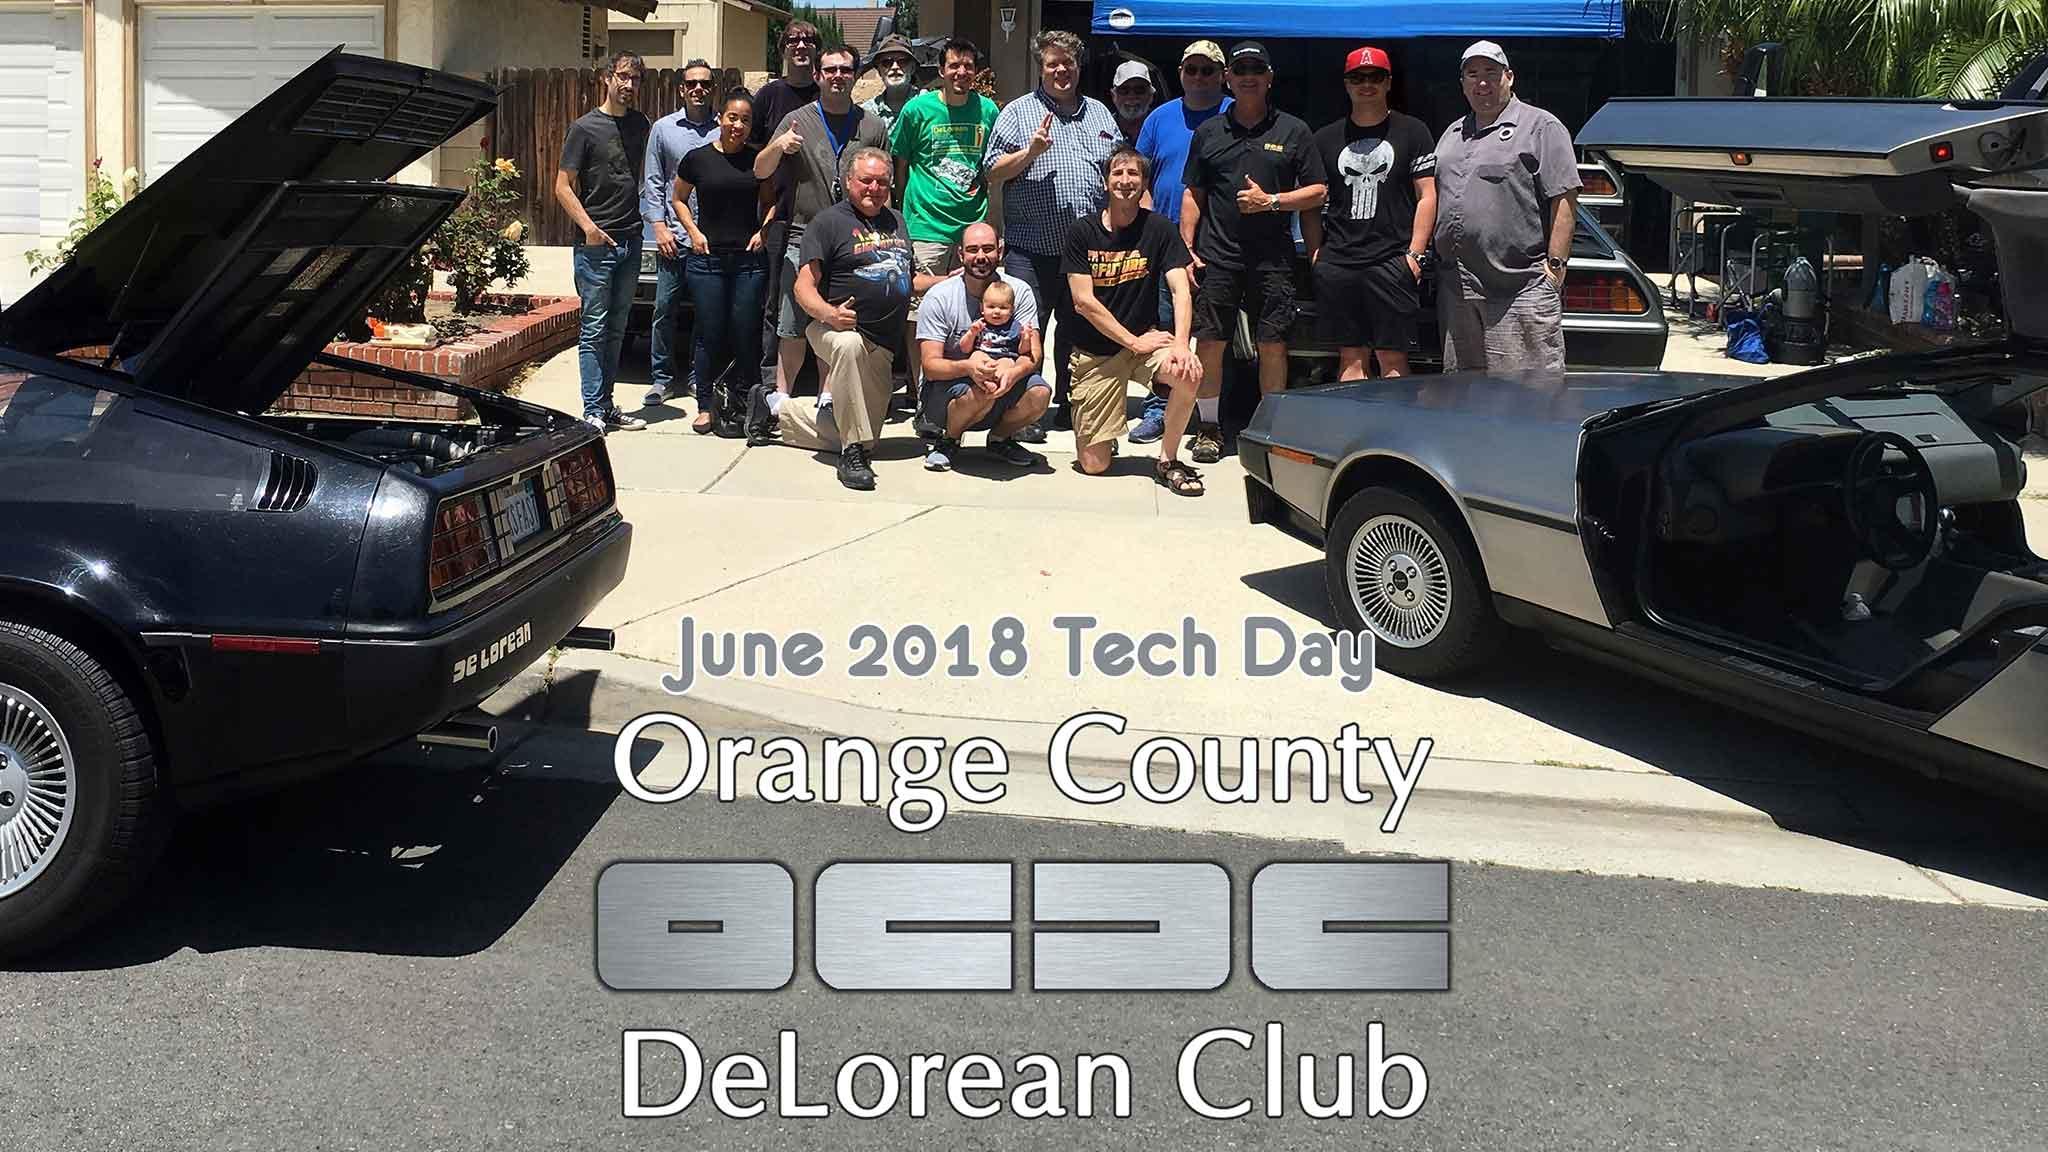 OCDC June 2018 Tech Day | Orange County DeLorean Club